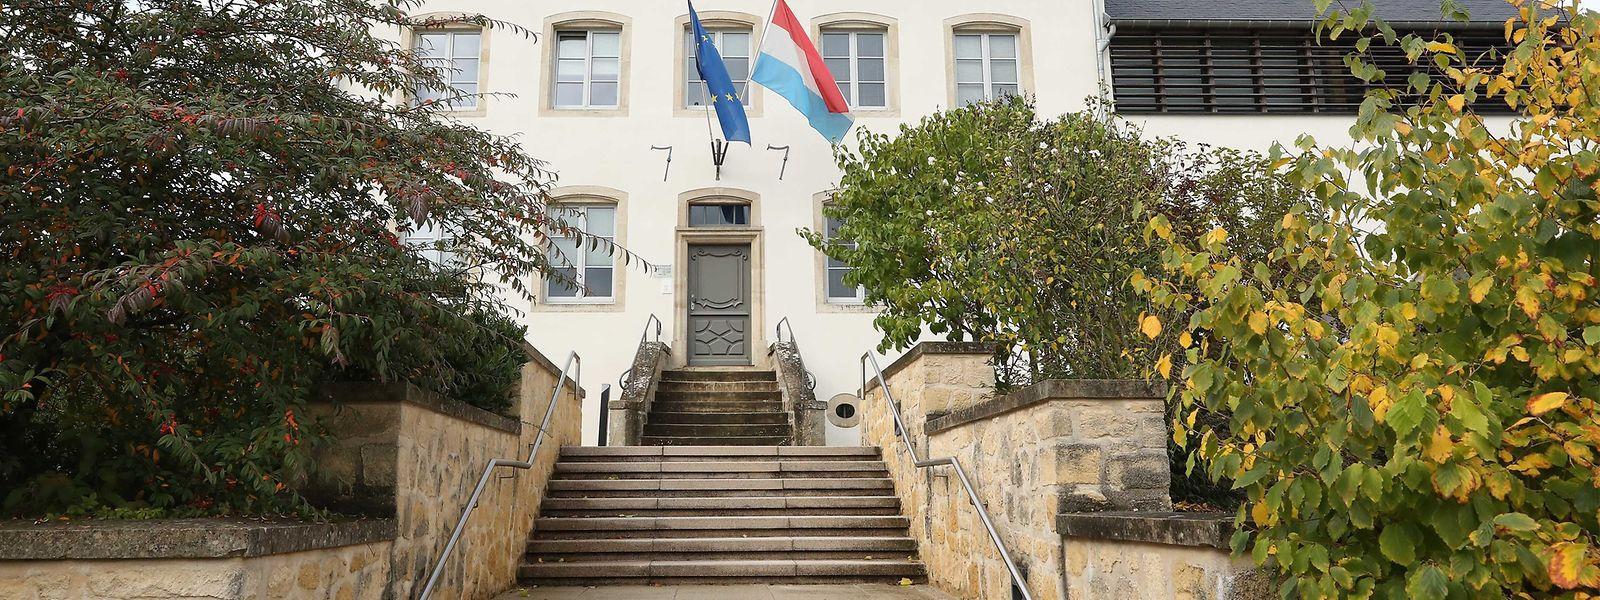 Das Gemeindehaus von Helperknapp.